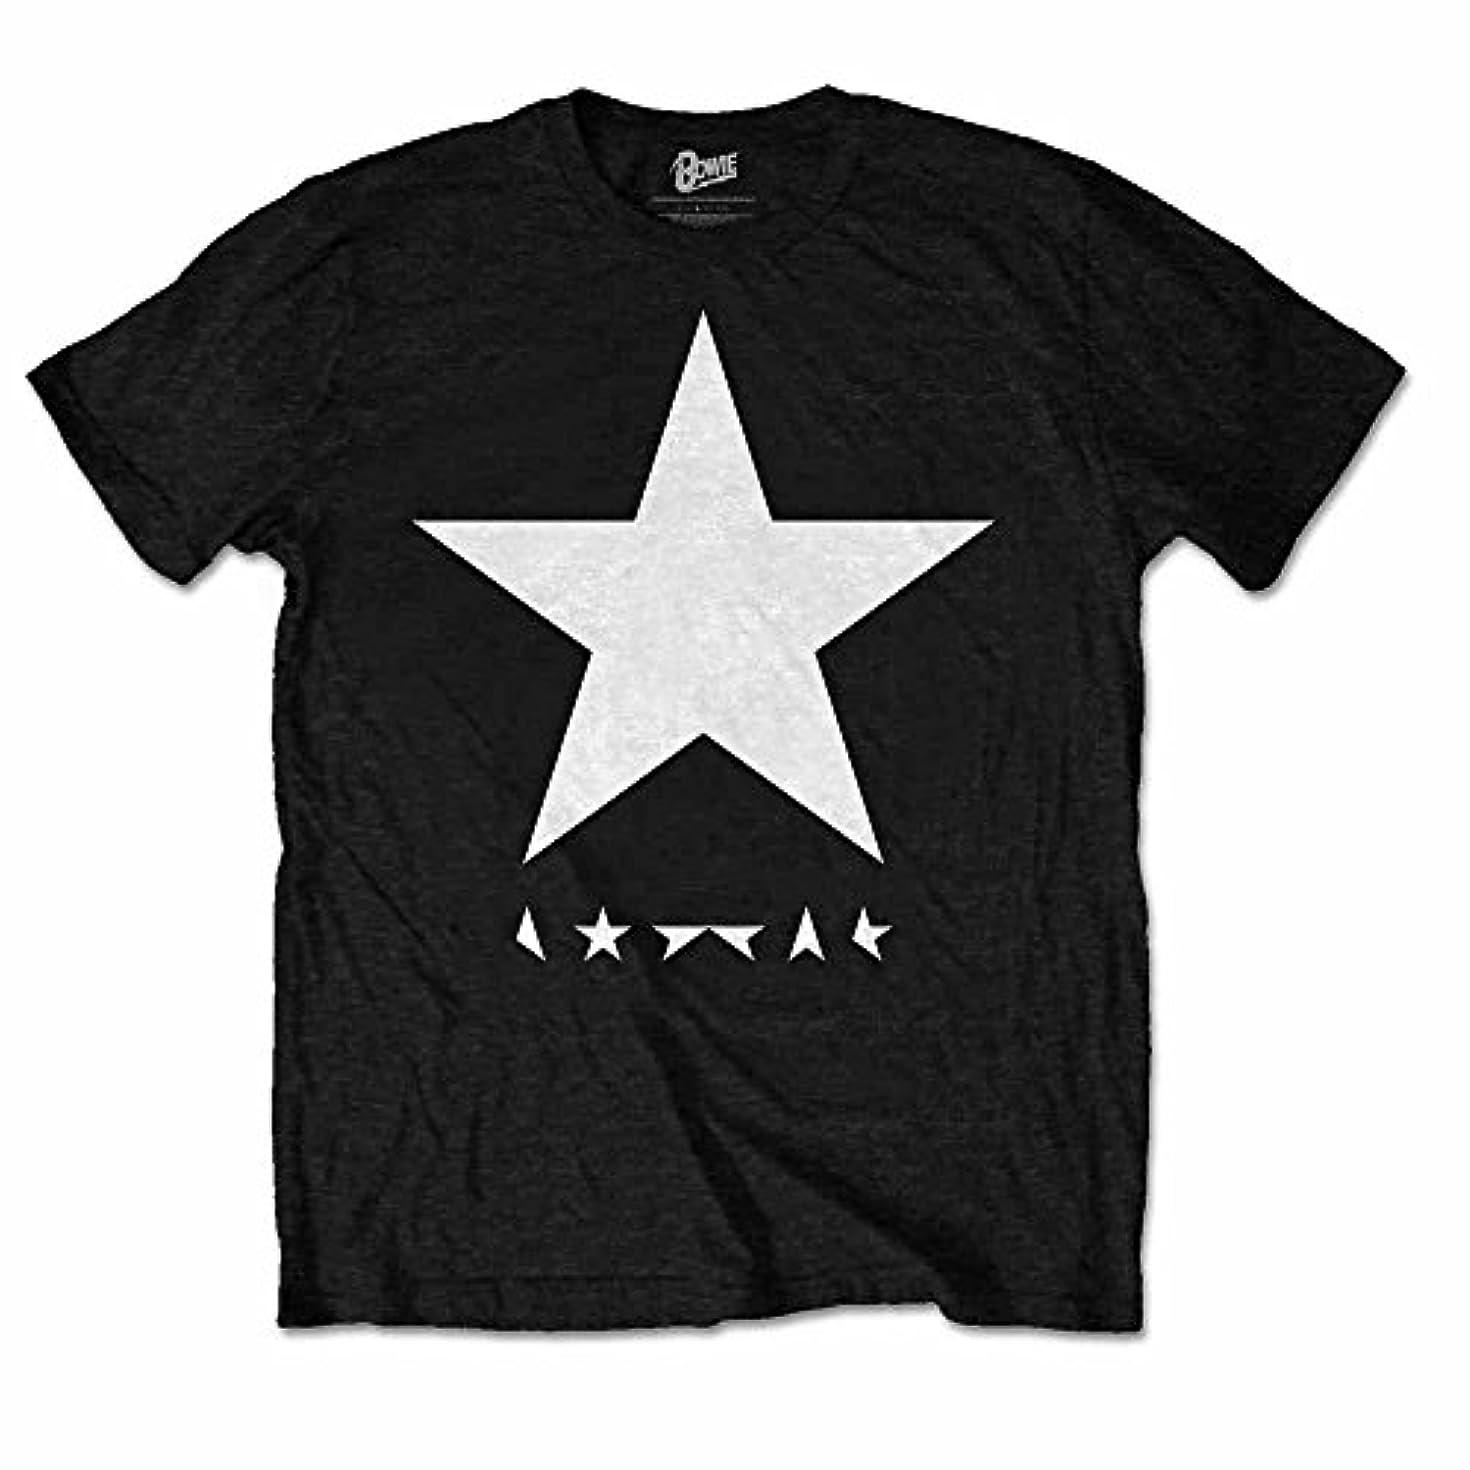 夏芝生重さDAVID BOWIE デヴィッド?ボウイ - Blackstar/Tシャツ/メンズ 【公式/オフィシャル】